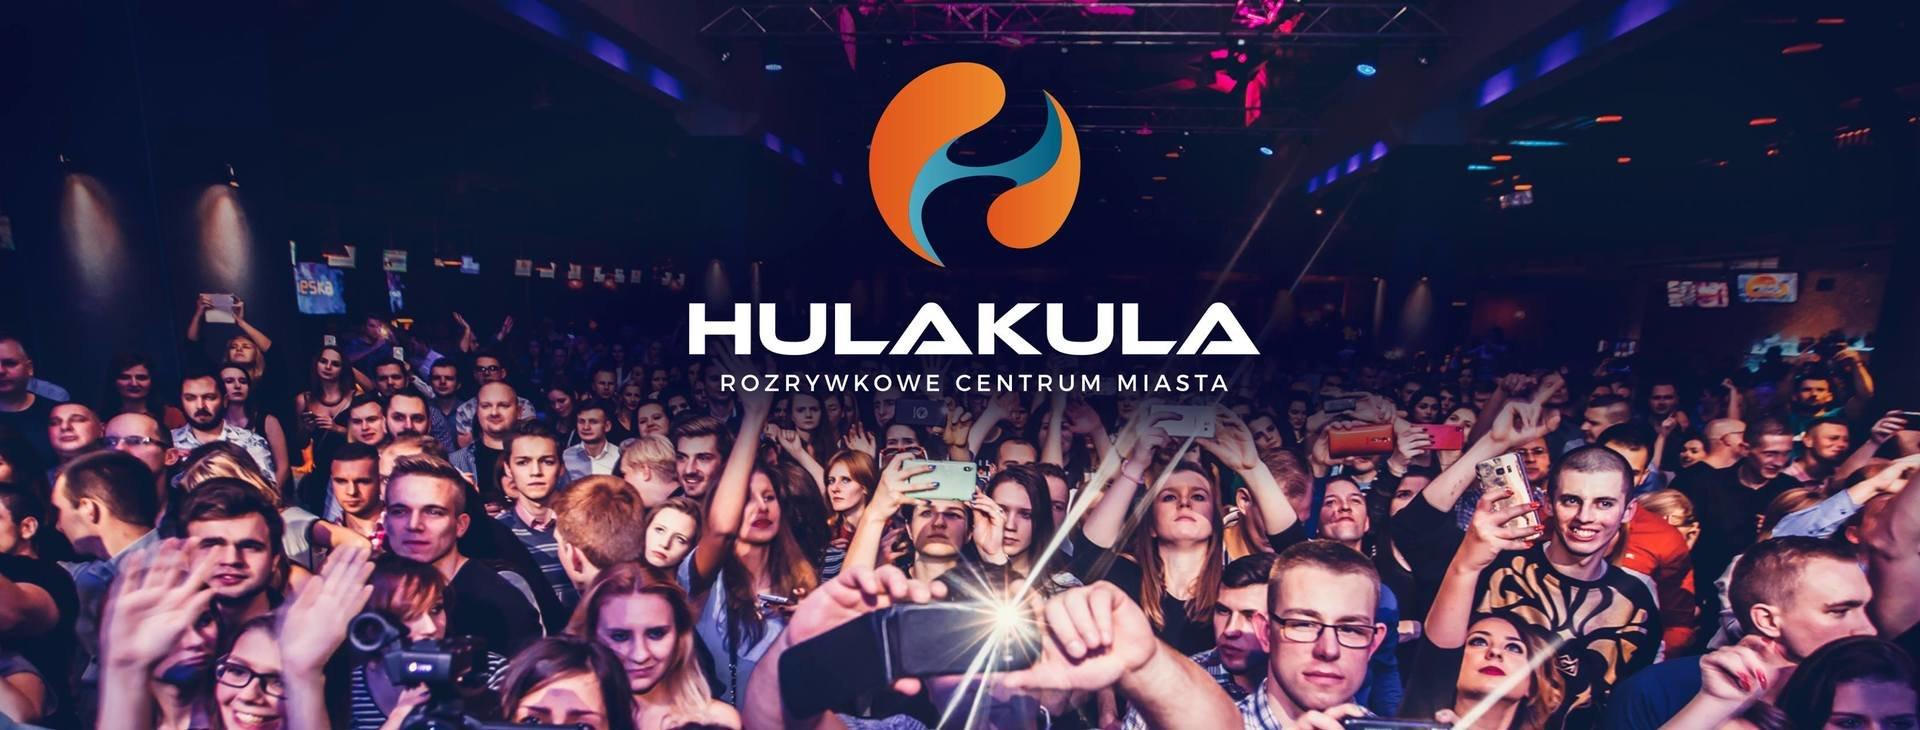 Muzyczny lipiec w Hulakula!